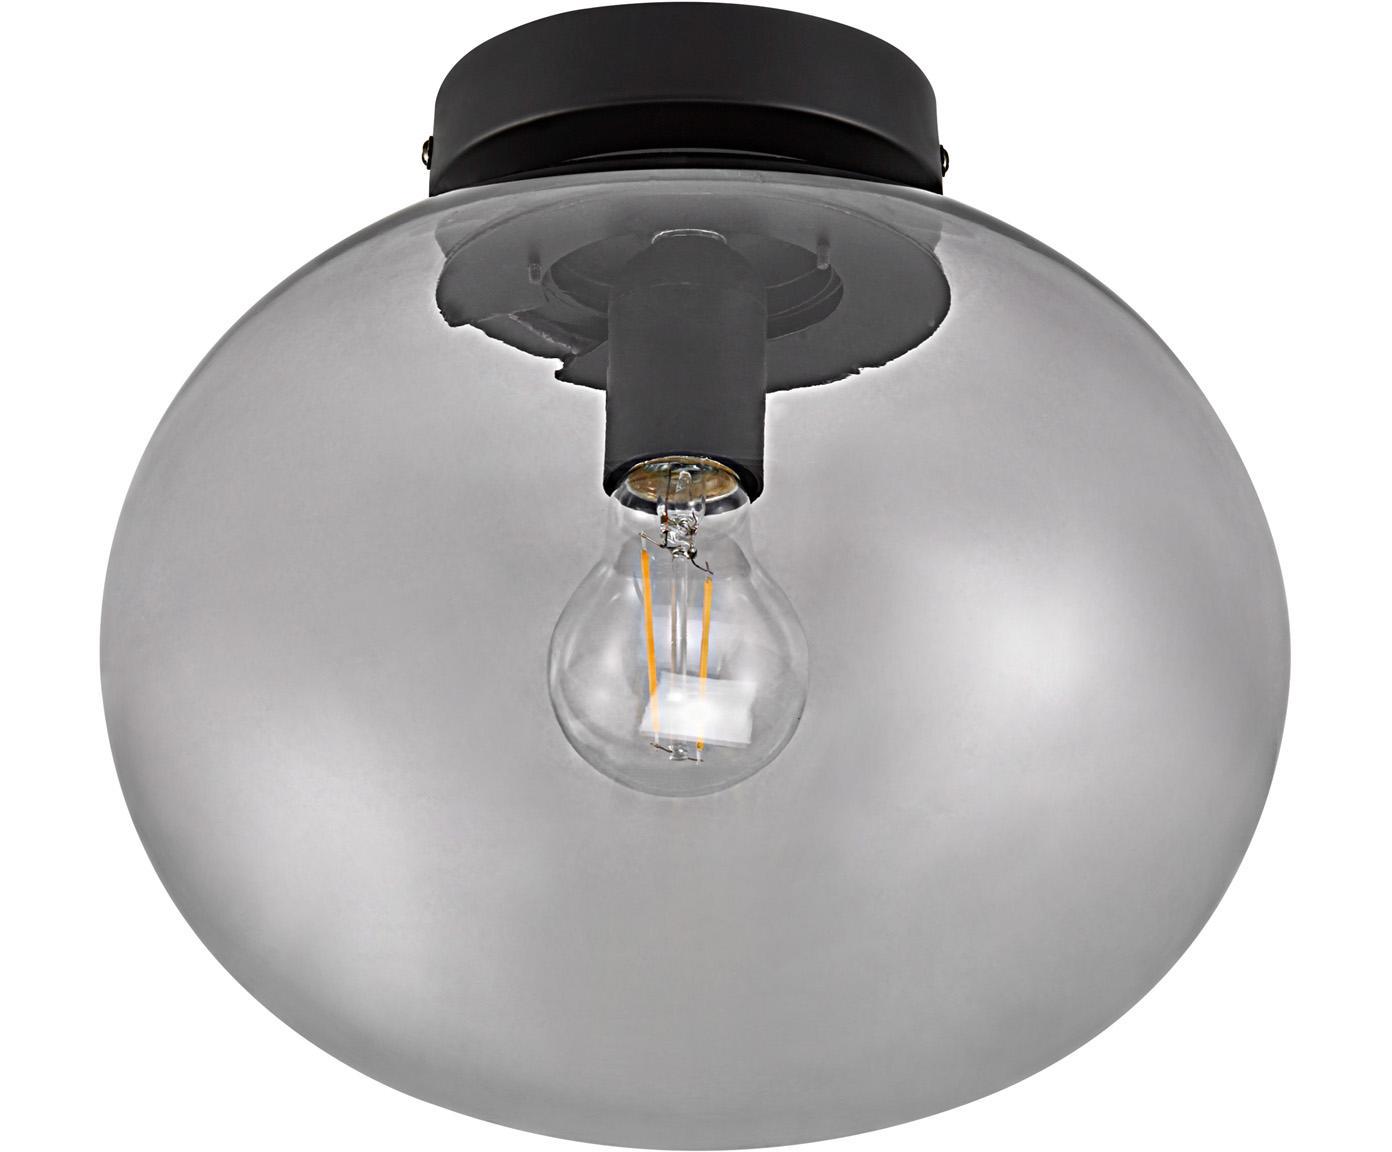 Deckenleuchte Alton aus getöntem Glas, Lampenschirm: Glas, getönt, Baldachin: Metall, beschichtet, Grau, transparent, Schwarz, Ø 28 x H 24 cm